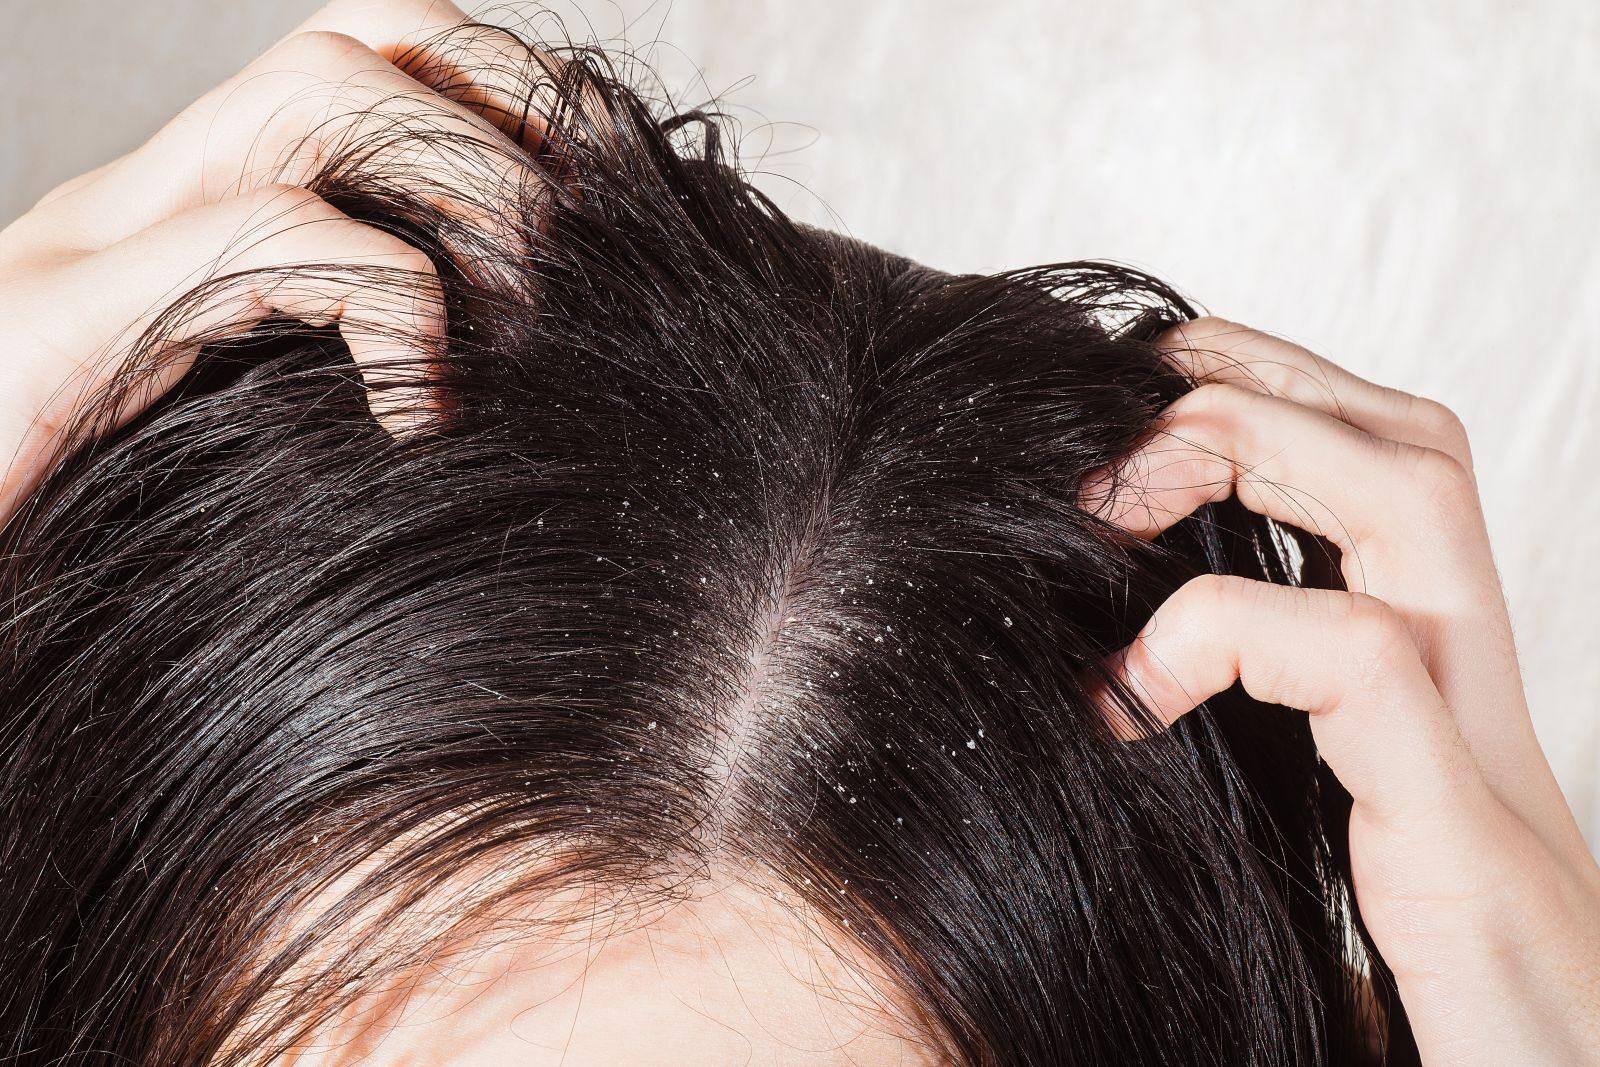 vörös foltok a fej alatt a haj alatt és viszket pikkelysömör kezelésére babér